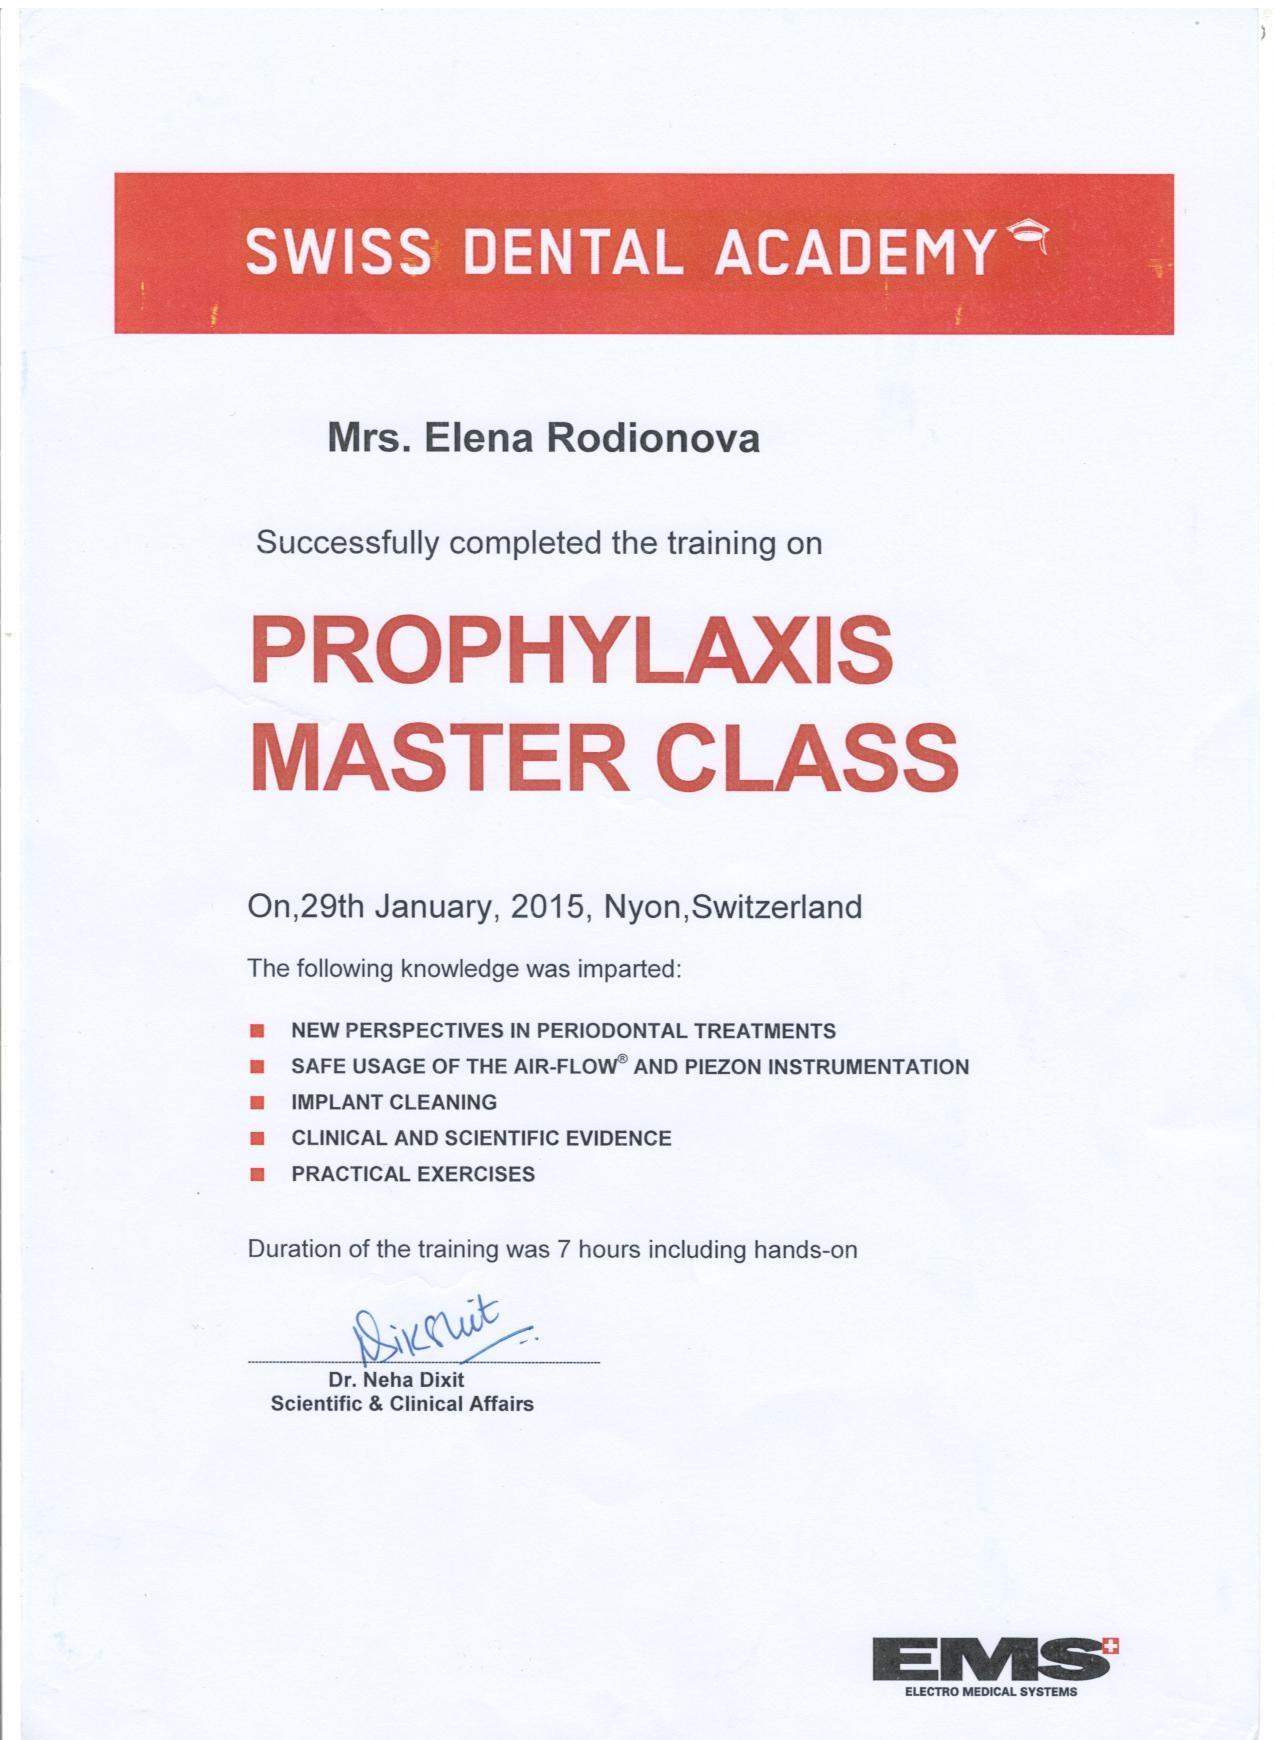 сертификат стоматолога Родионова январь 2015